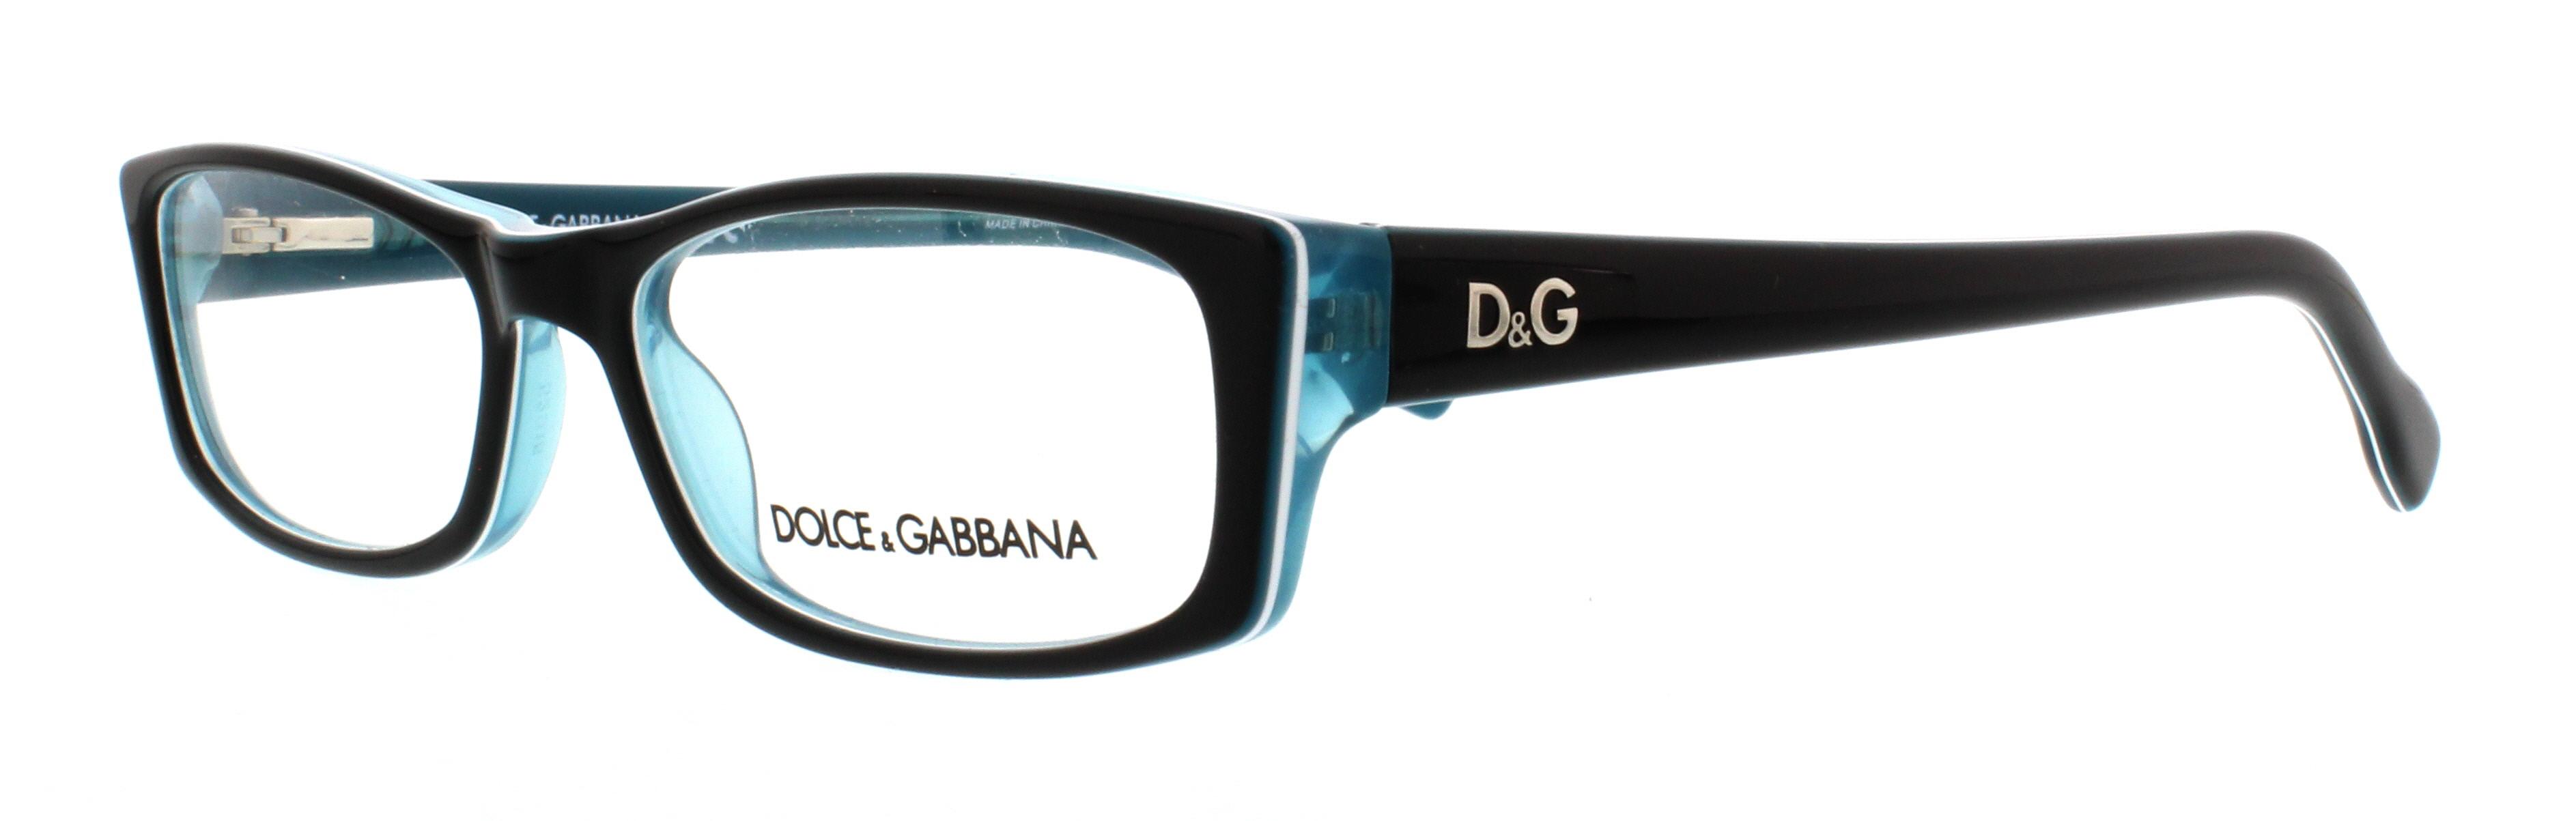 374343f434ed Designer Frames Outlet. D&G DD1212